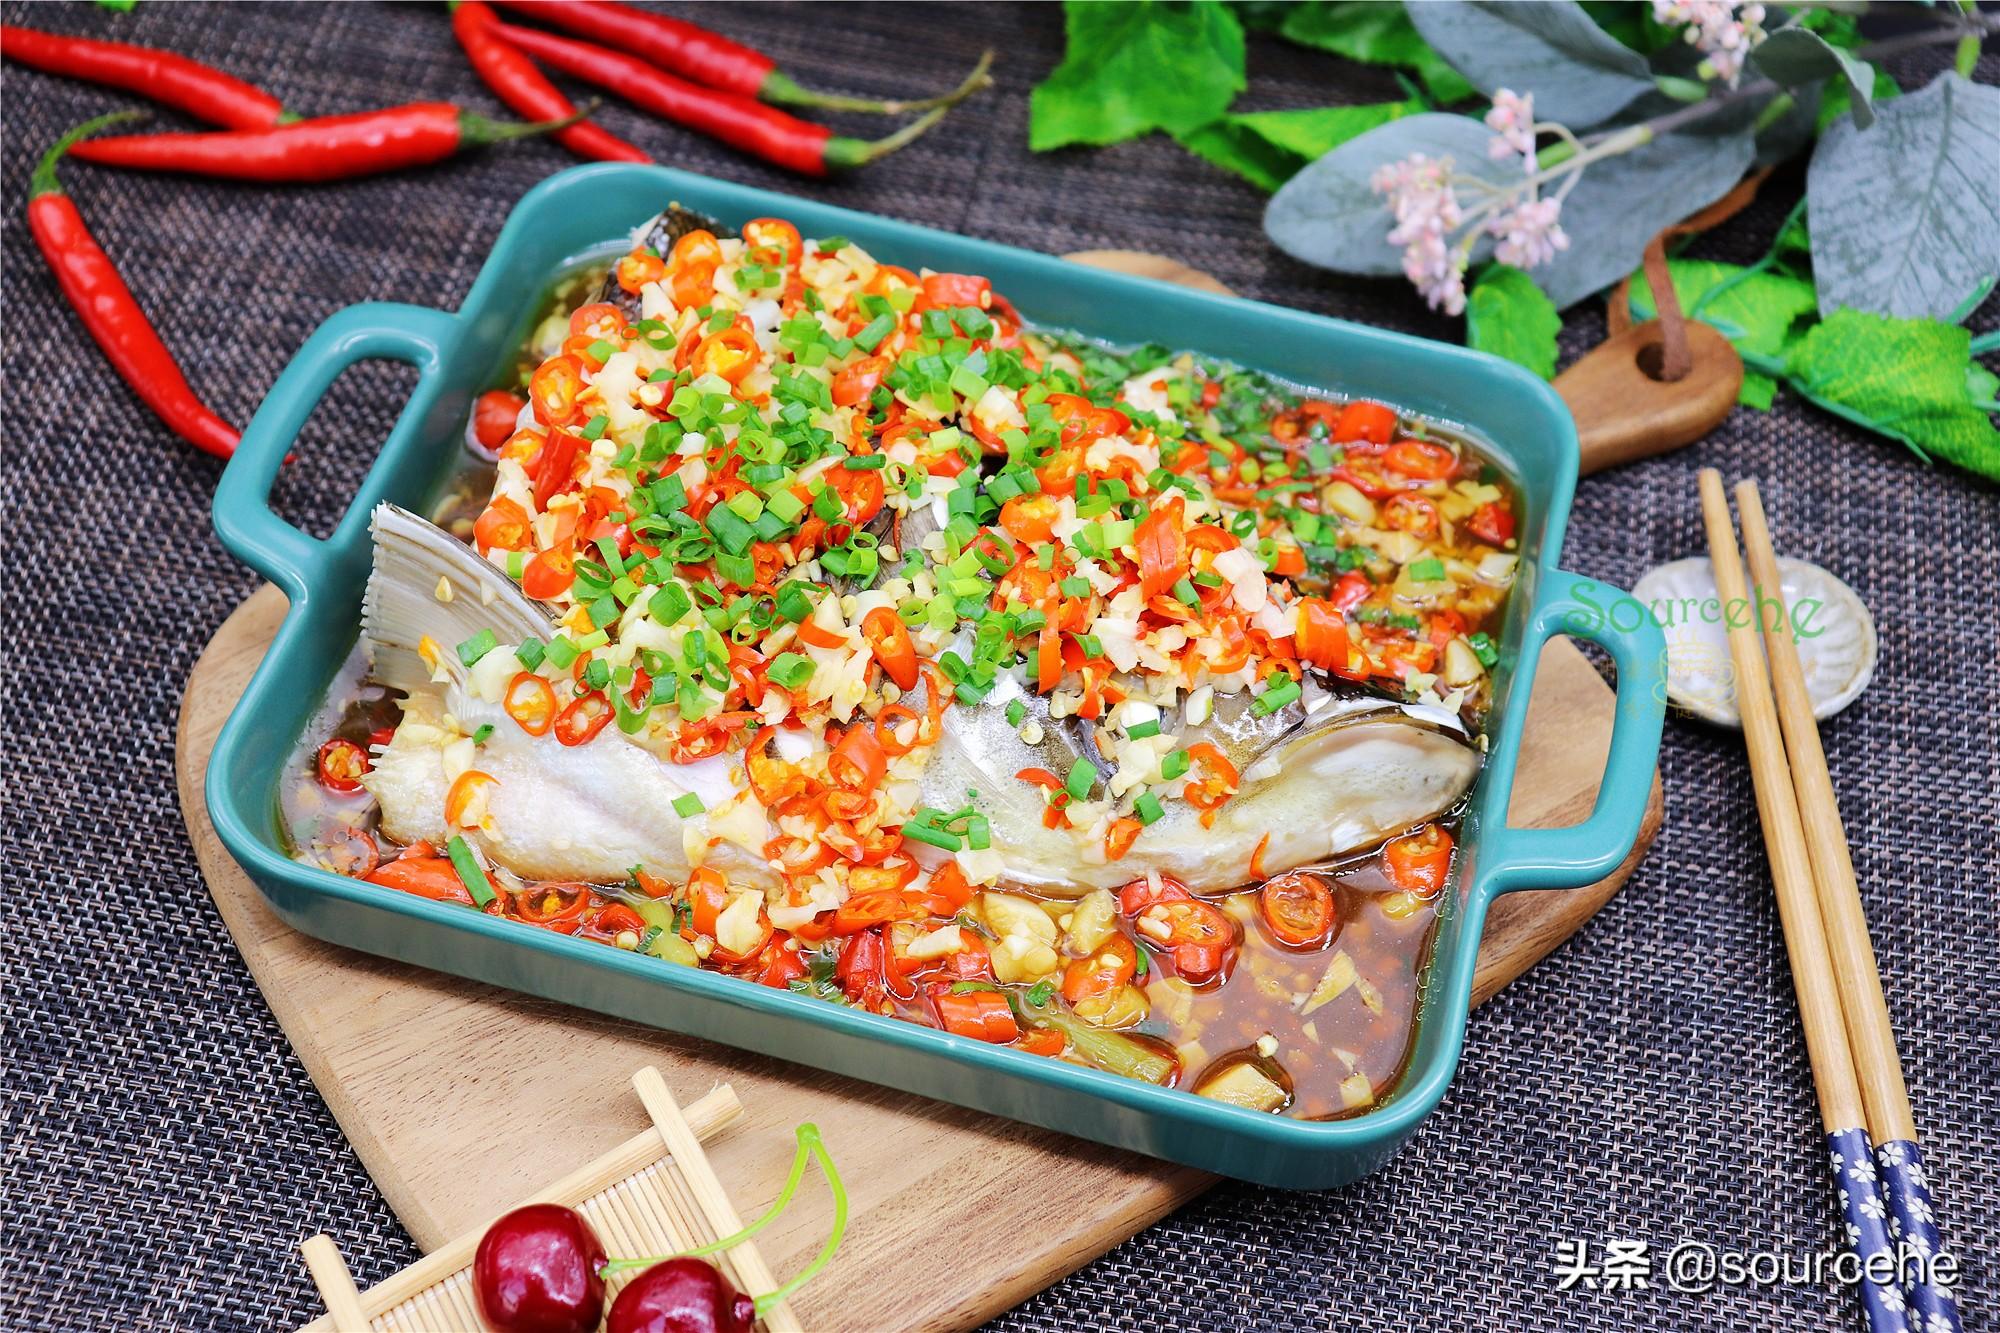 春節家宴不用愁,學會這9道魚的做法,每天一道不重樣